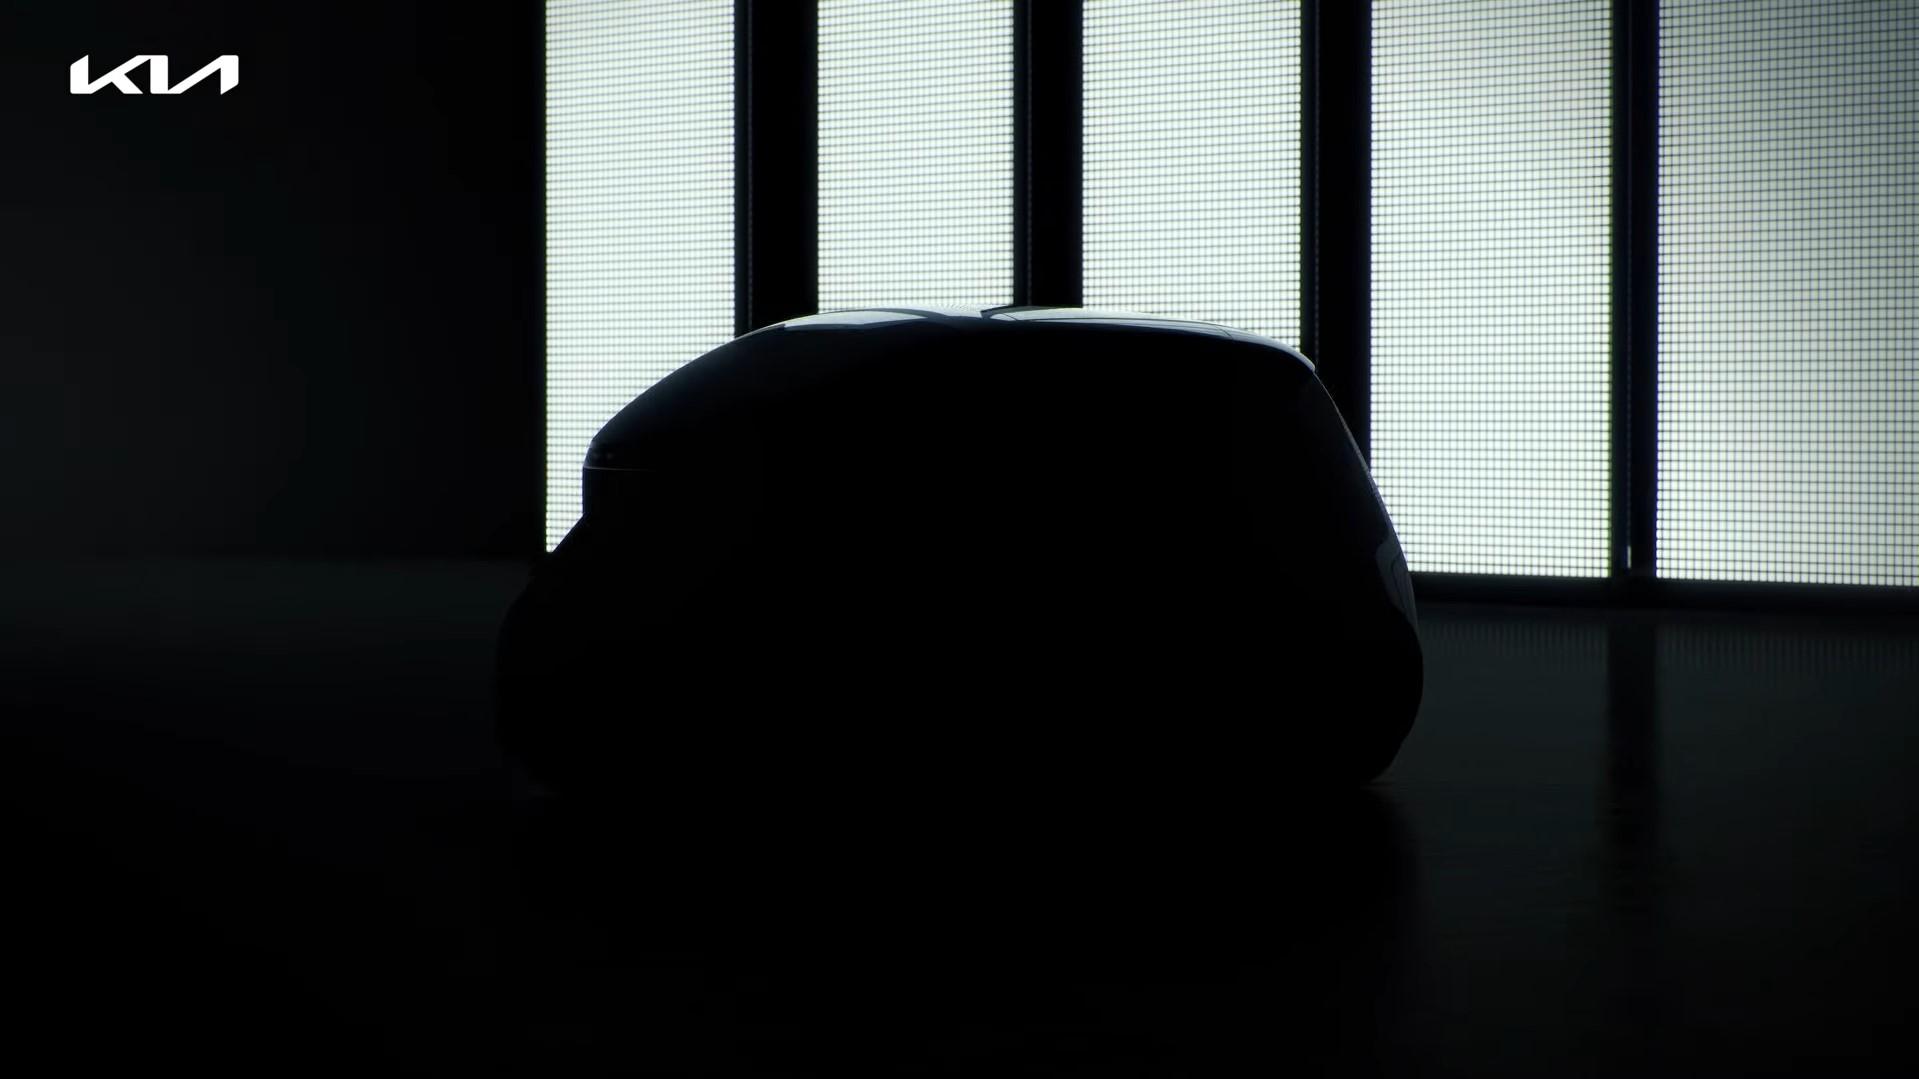 Kia Teaser White Side View